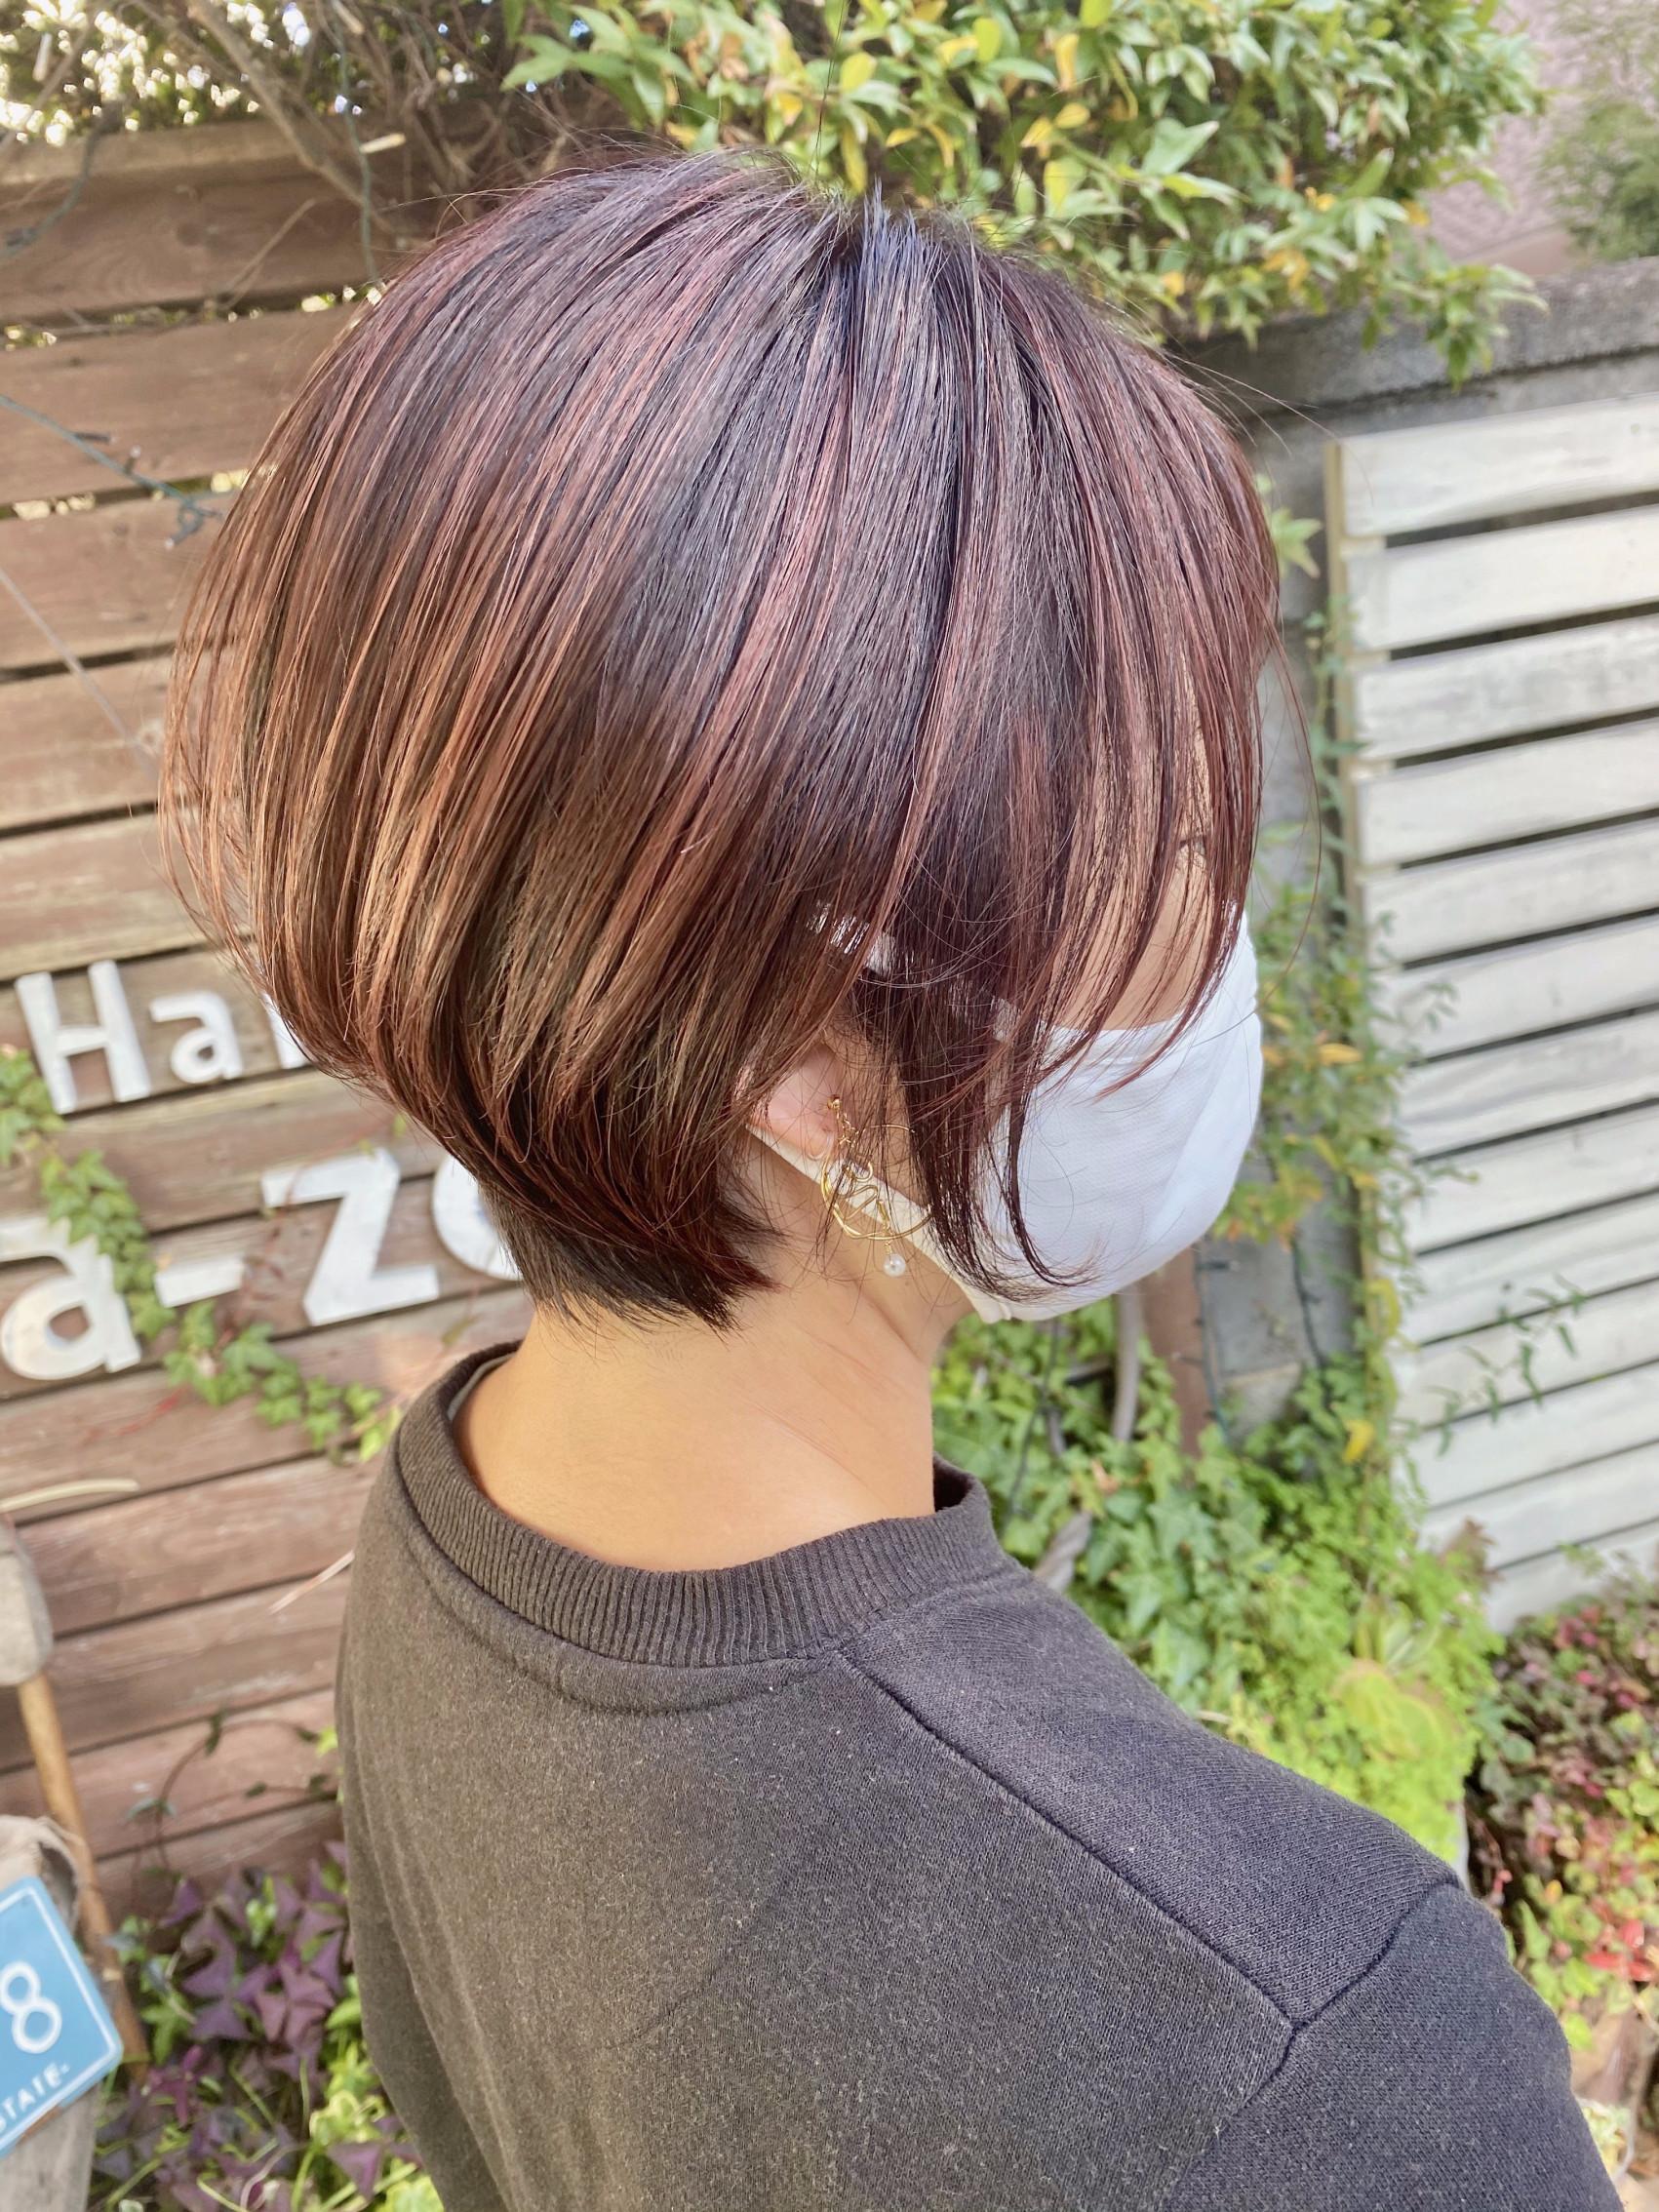 Gray hair dyeing  &  pink highlightの写真